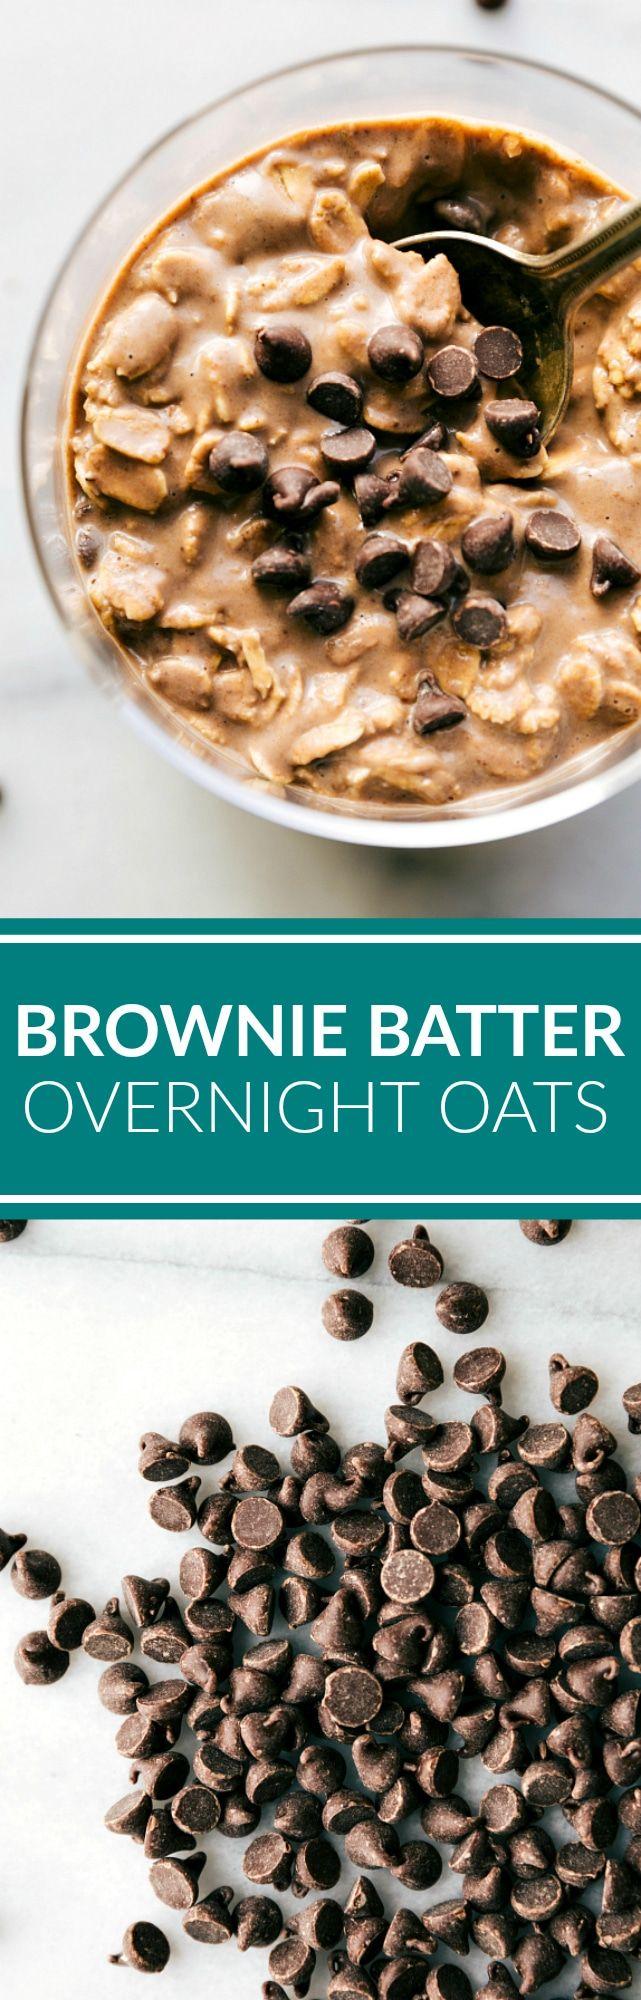 601 best Breakfast images on Pinterest | Breakfast, Lunch recipes ...